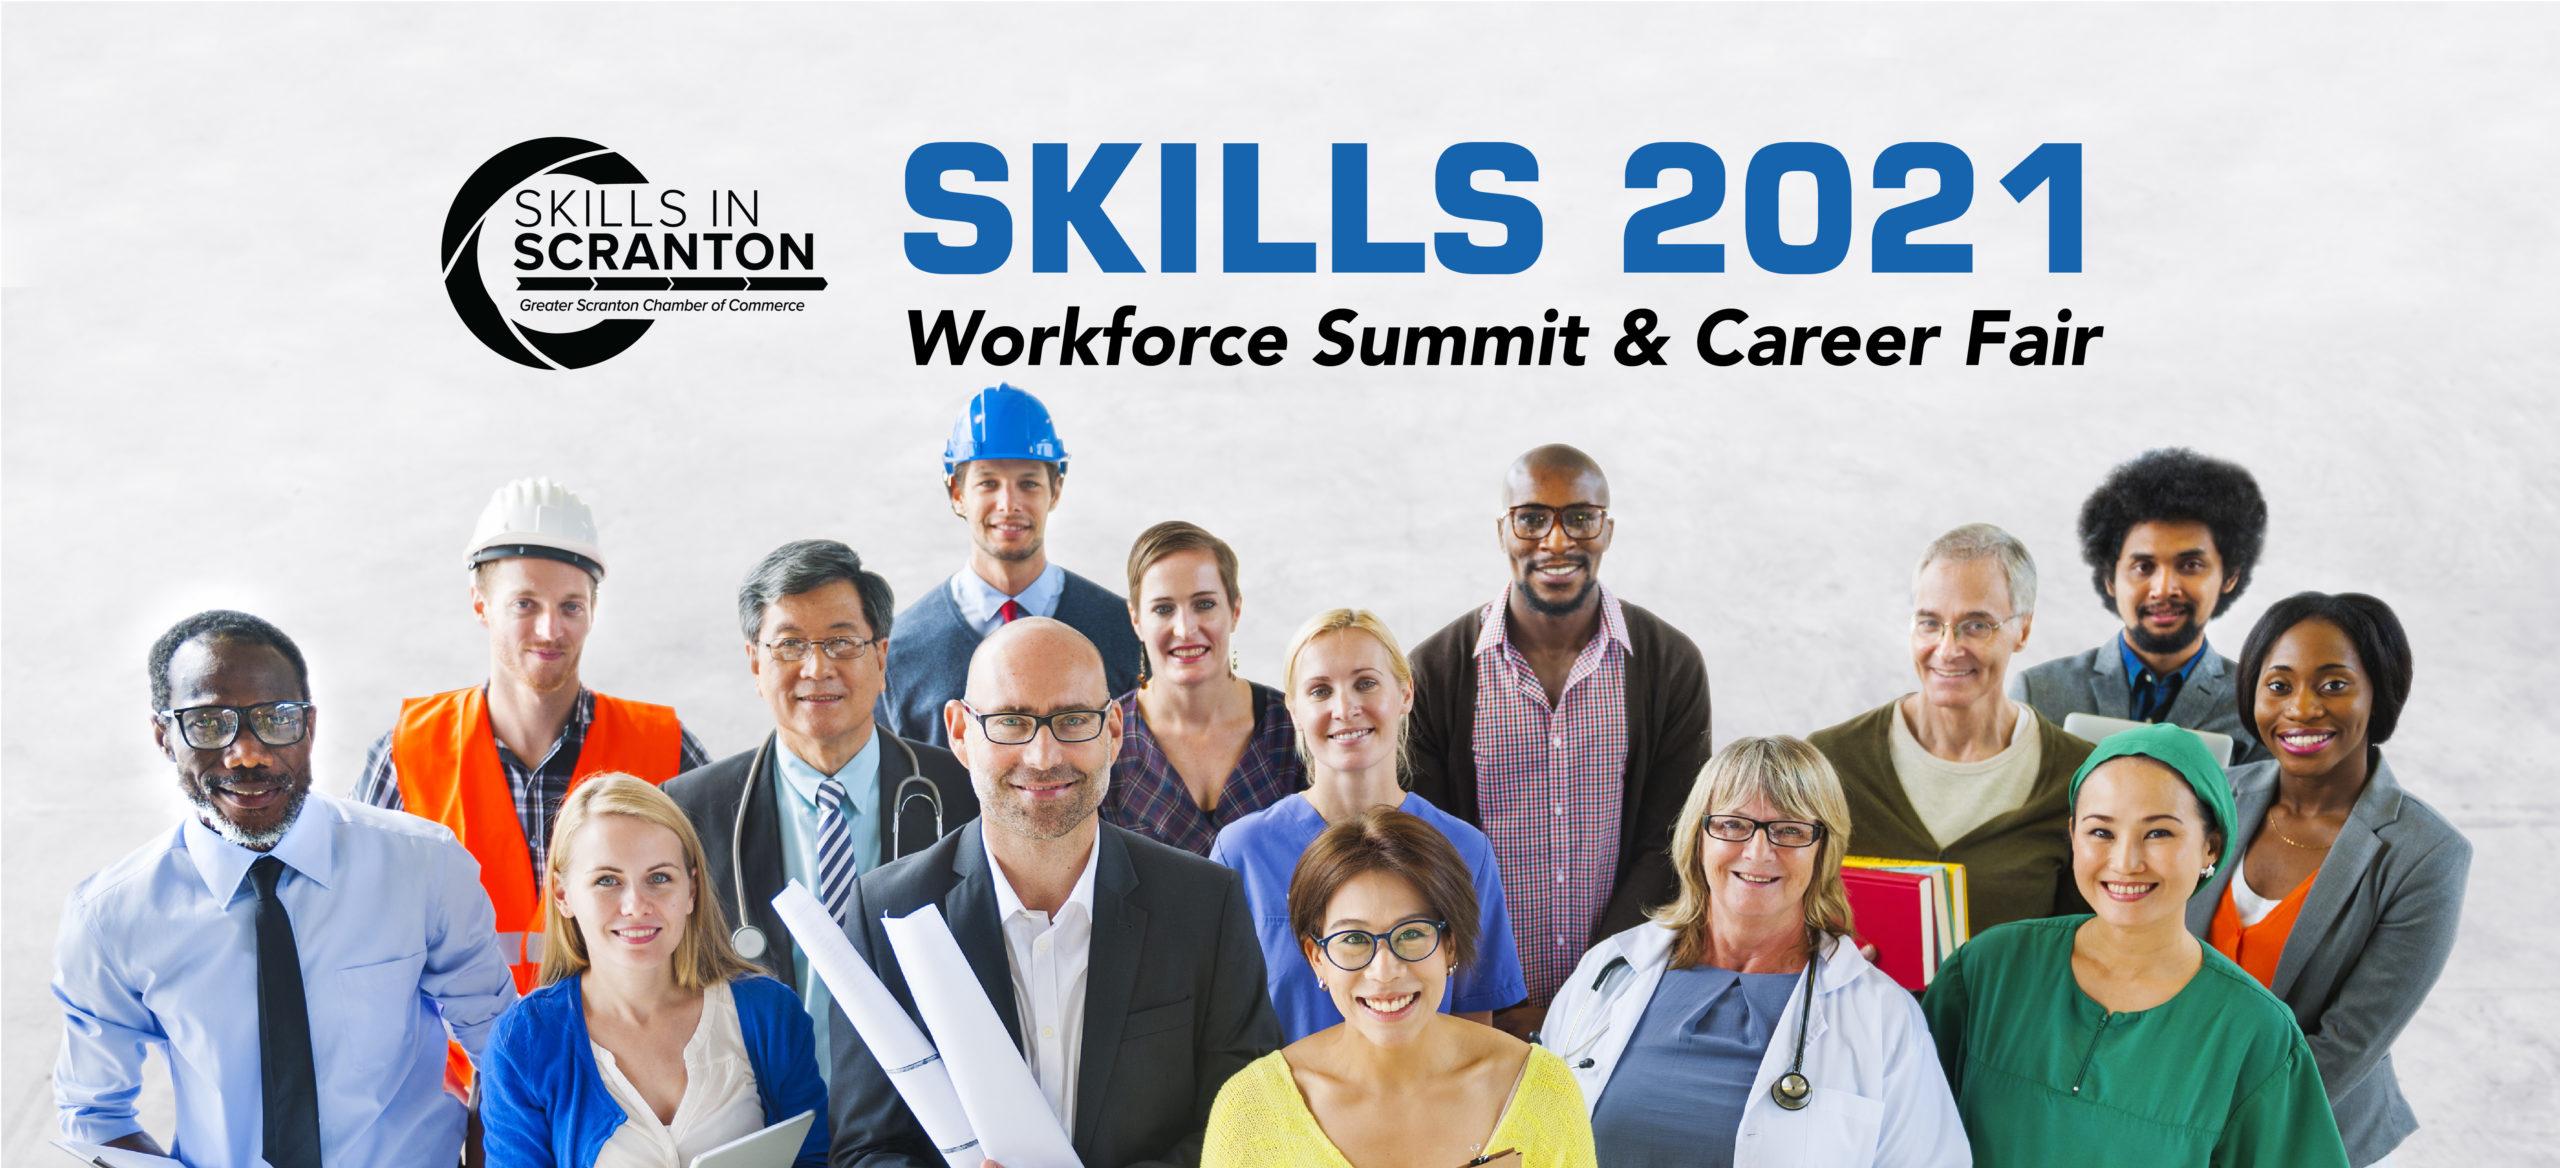 SKILLS 2021: Workforce Summit & Career Fair